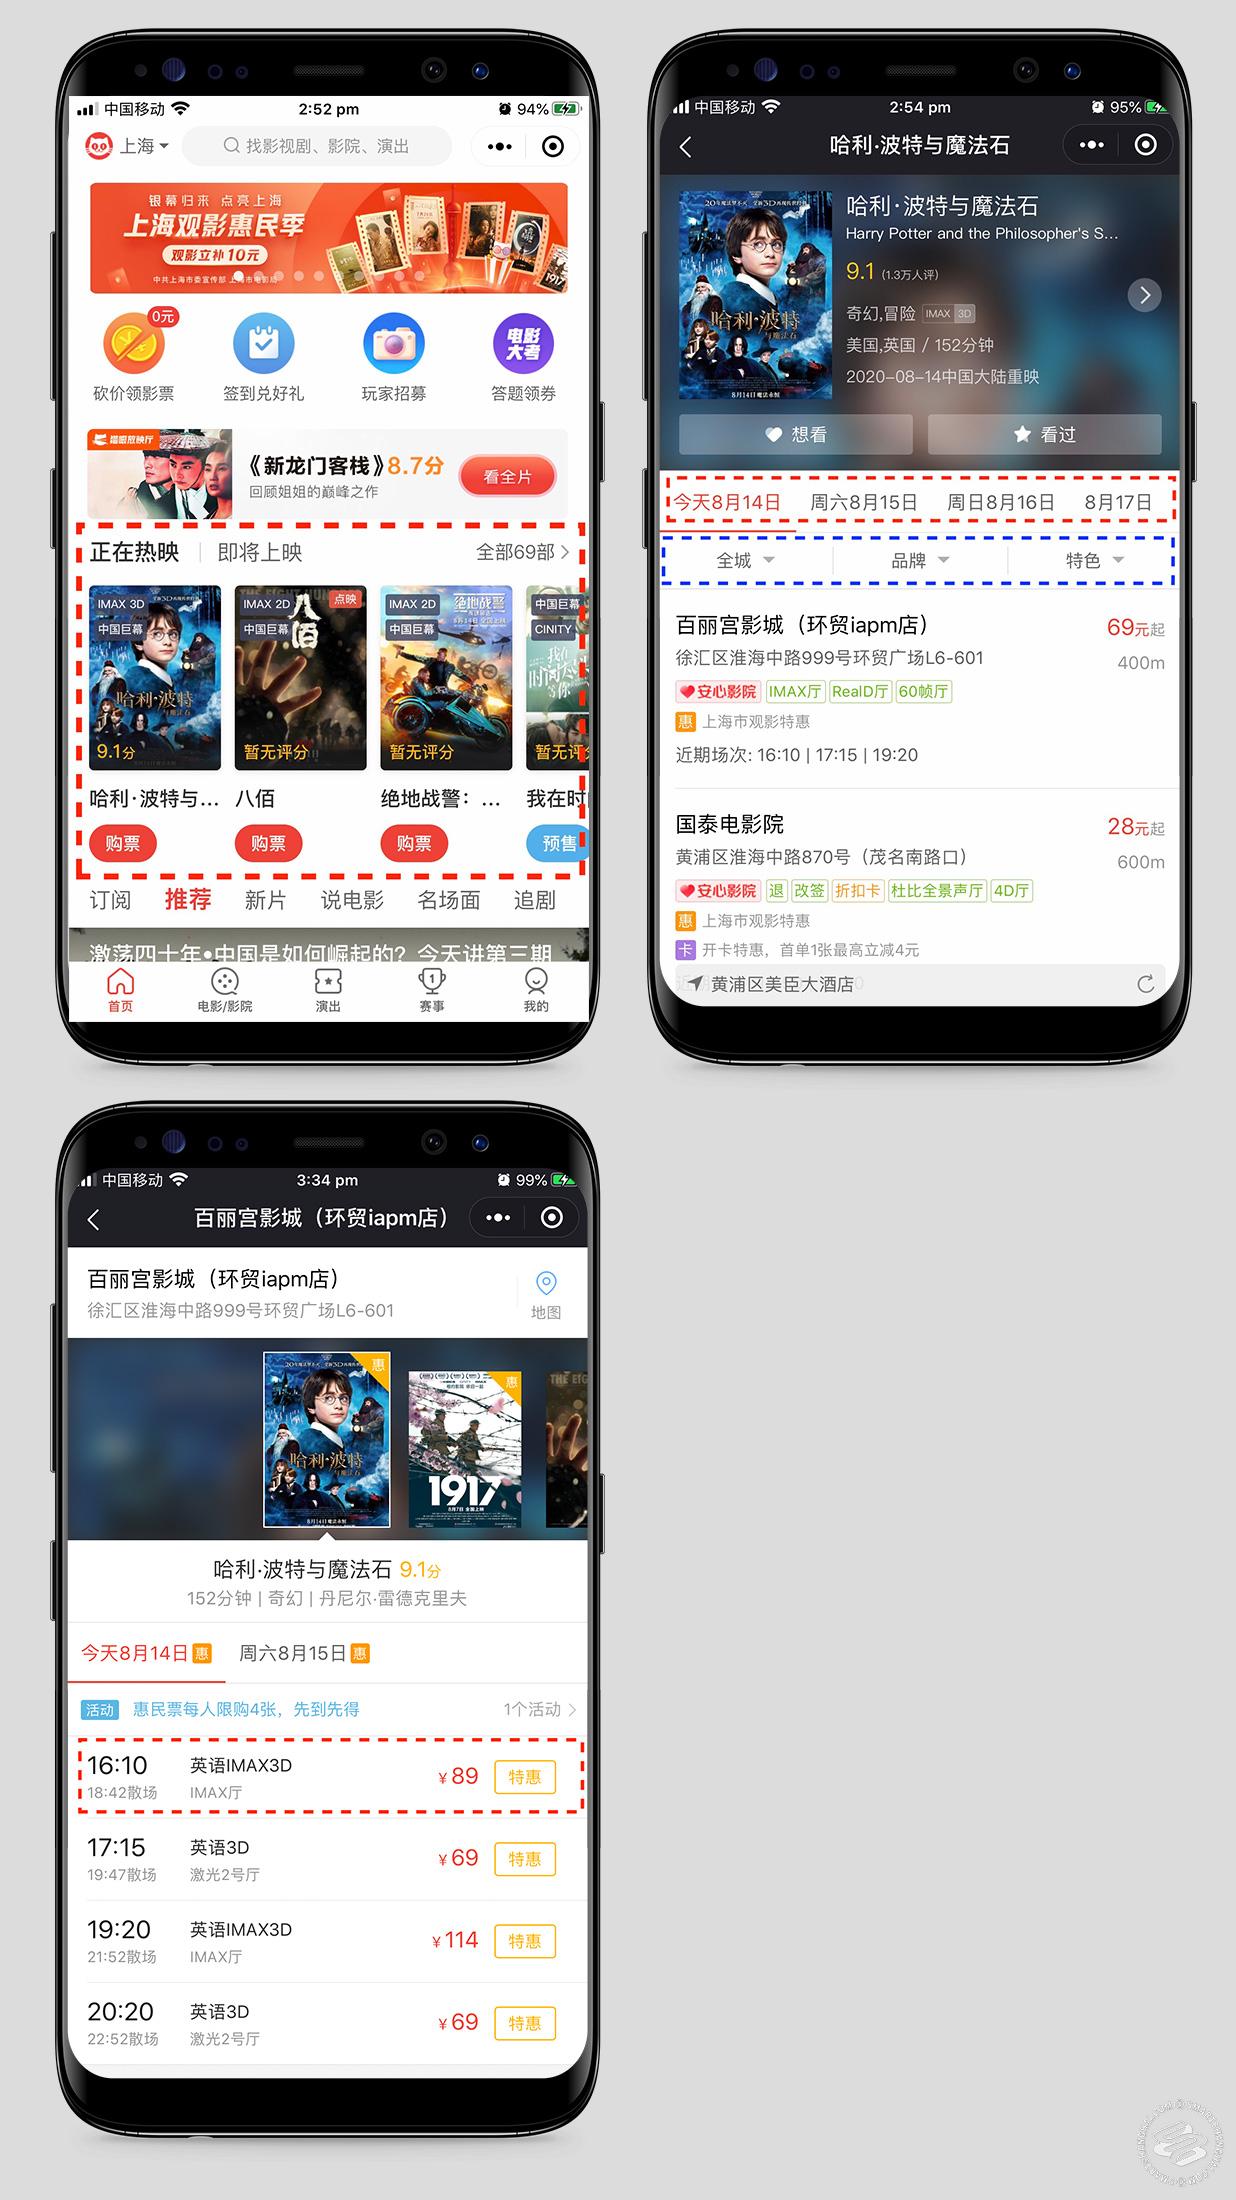 Choose a Movie Shanghai